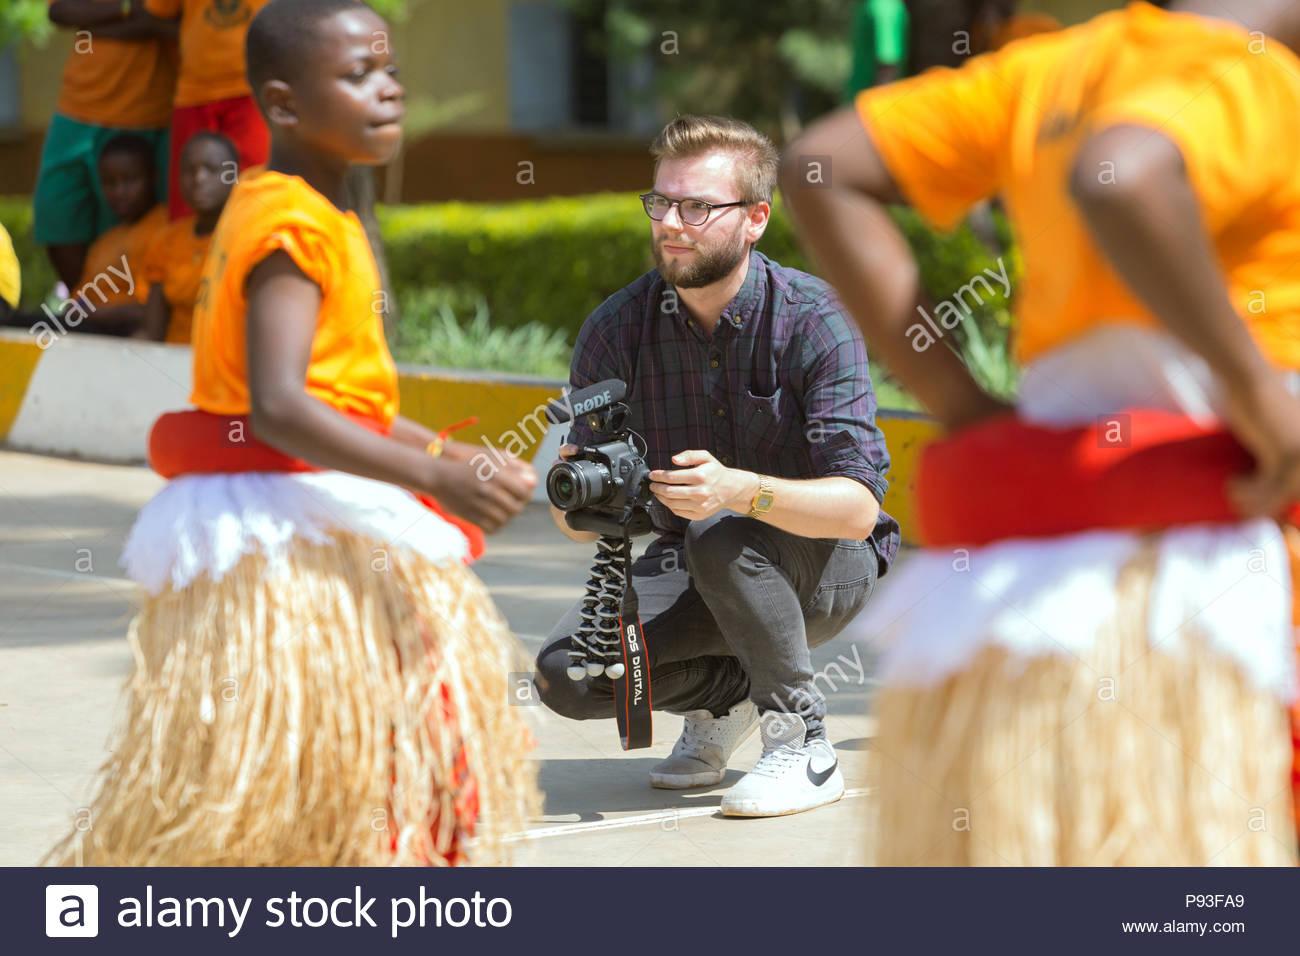 Bombo, Uganda - Florian Gregorzyk, YouTuber e Videoblogger catturare gli studenti del Don Bosco Centro di Formazione Professionale Bombo eseguendo una performance di danza. Immagini Stock